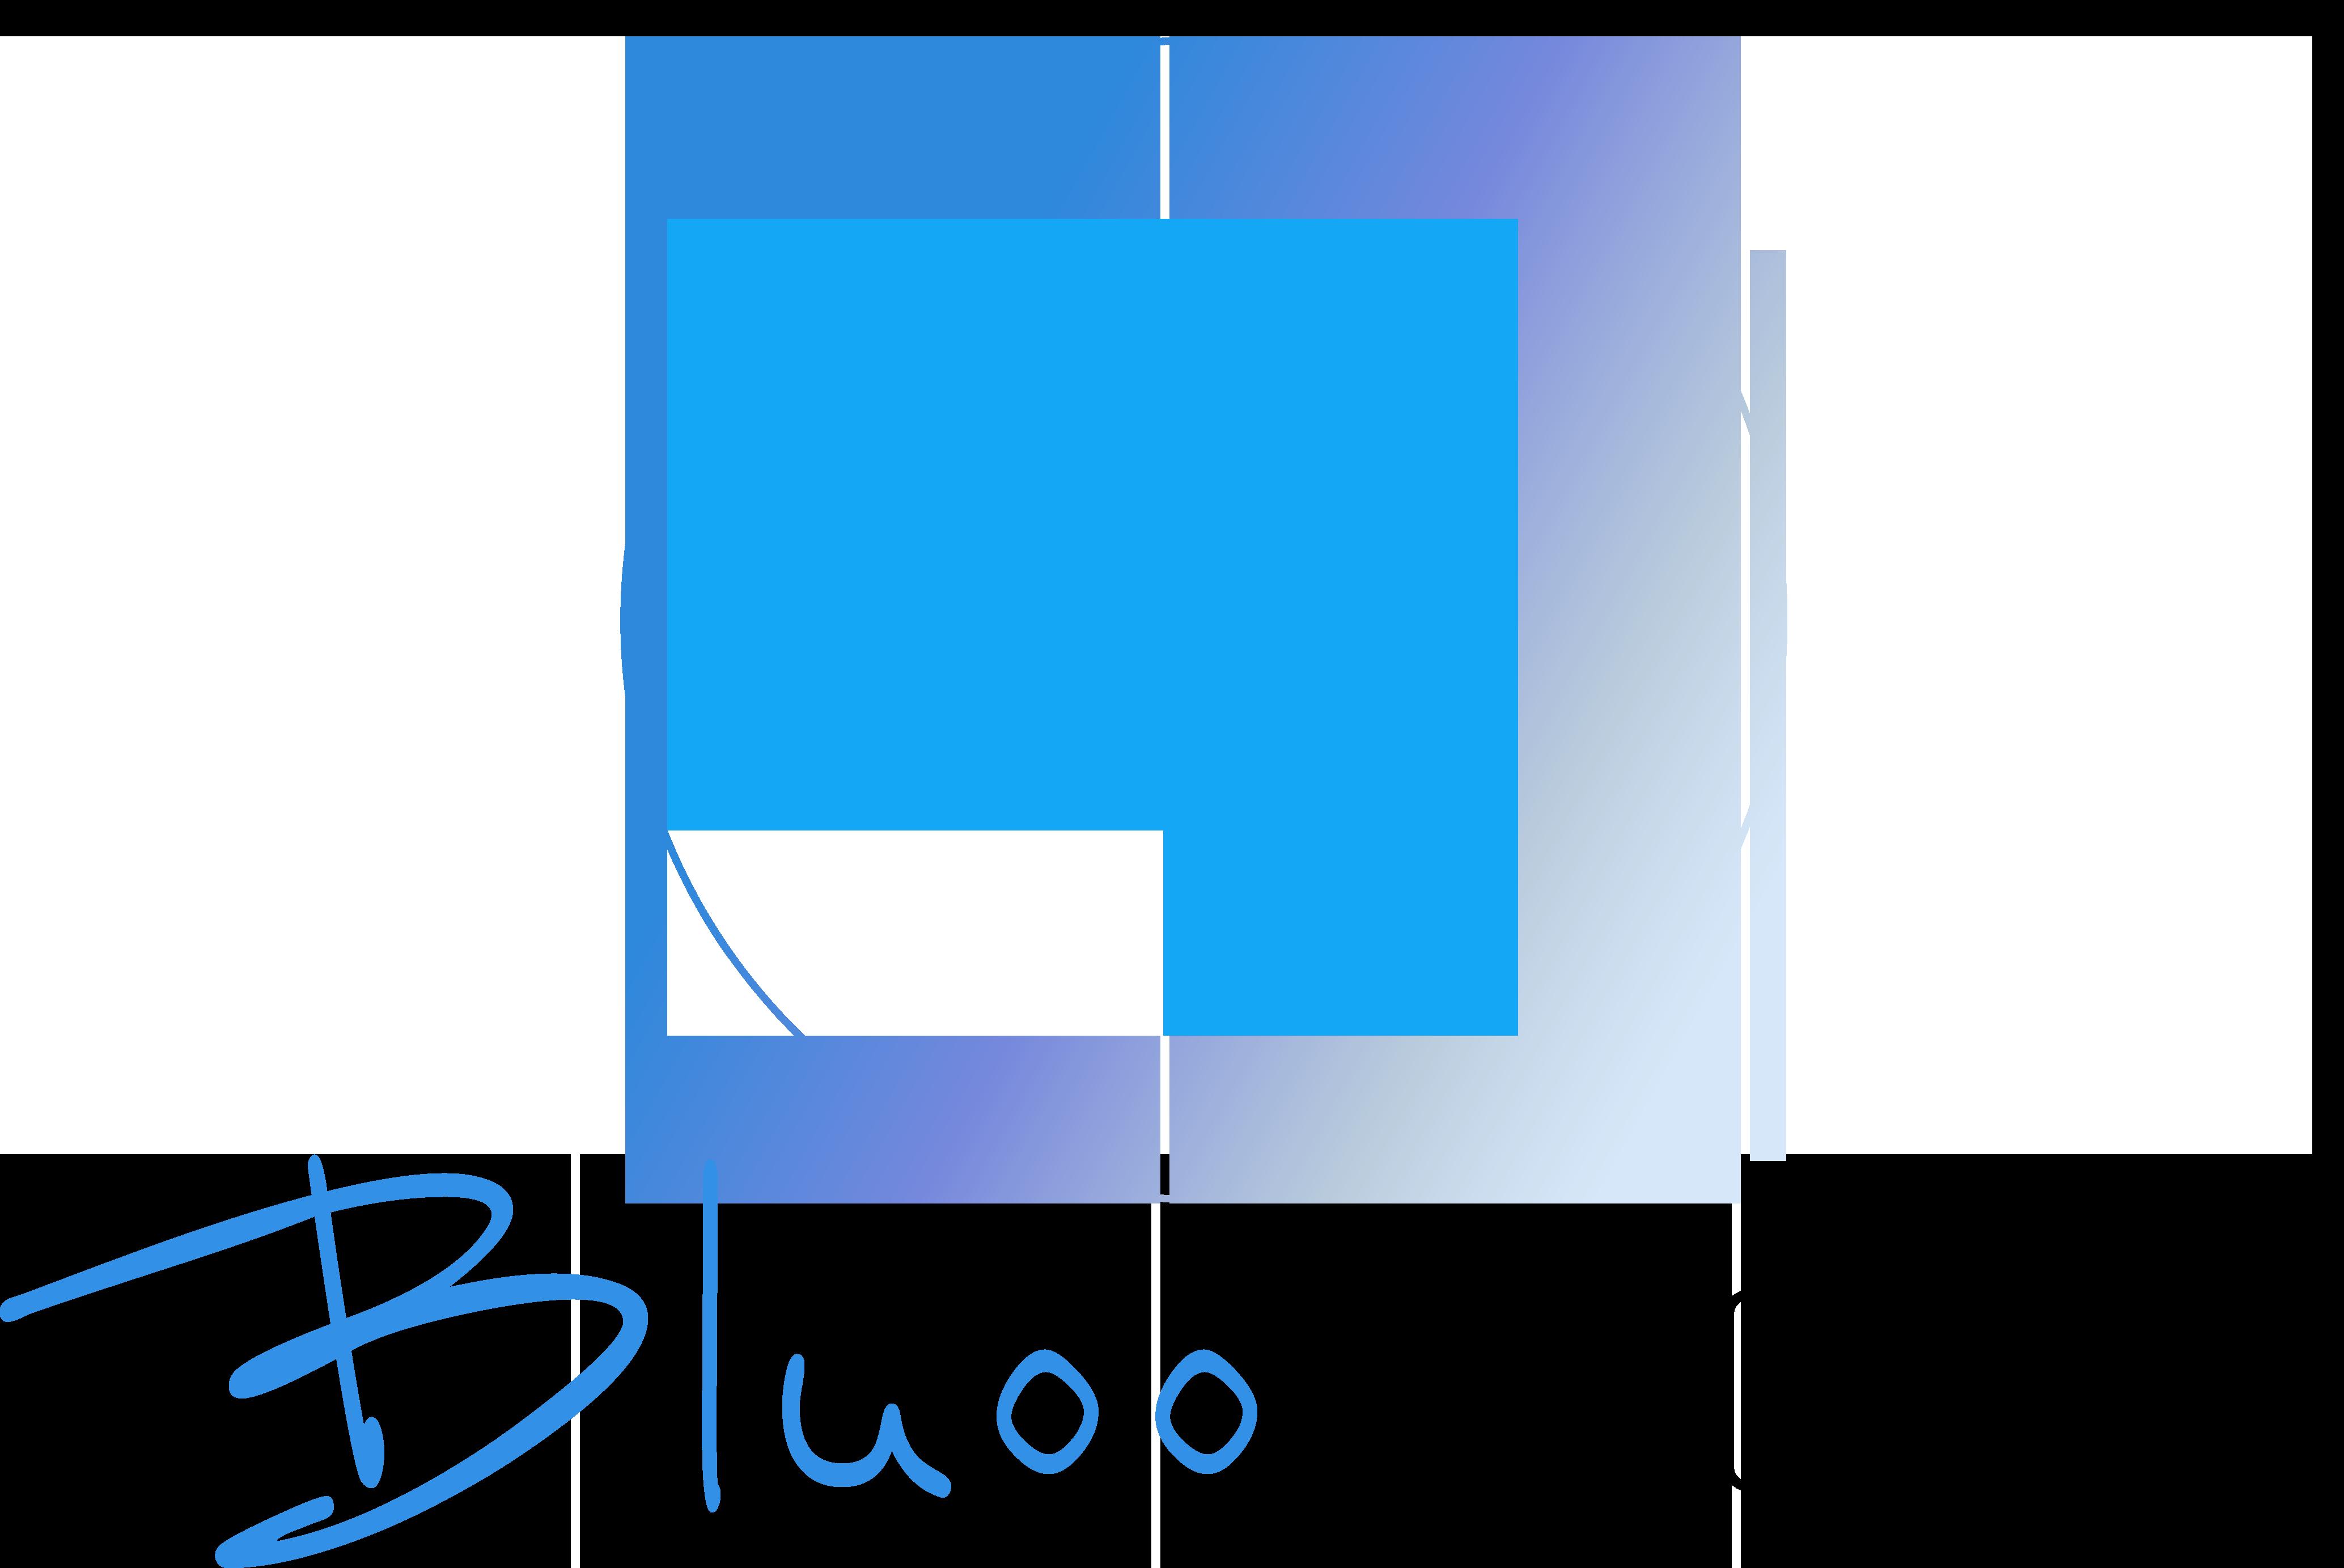 Bluoo Digital, a chatbot developer